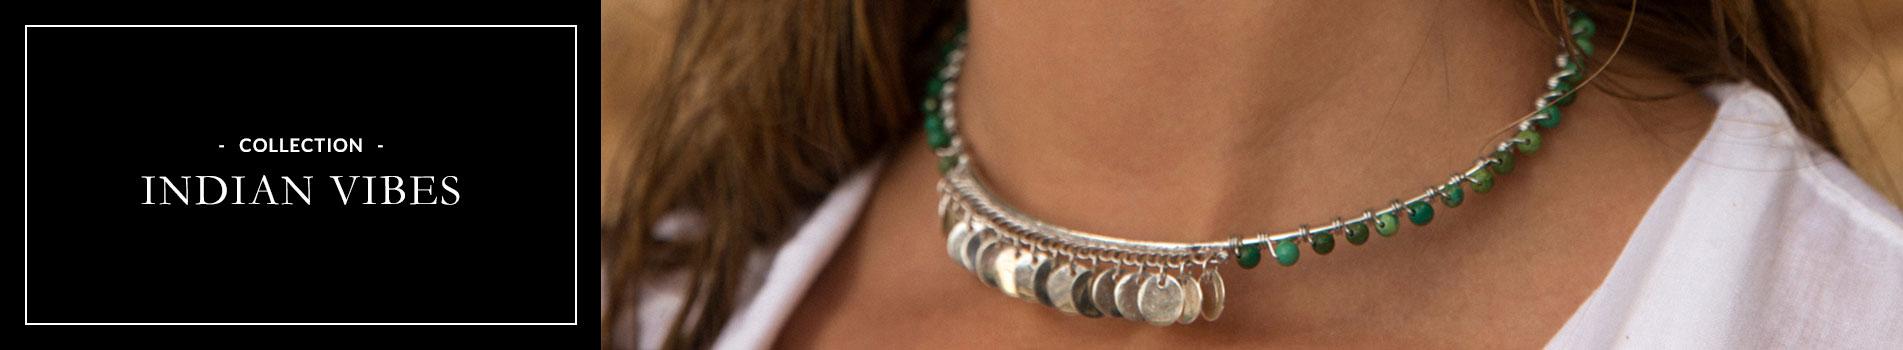 Perle de Jade Indian Vibes bijoux argent et turquoise